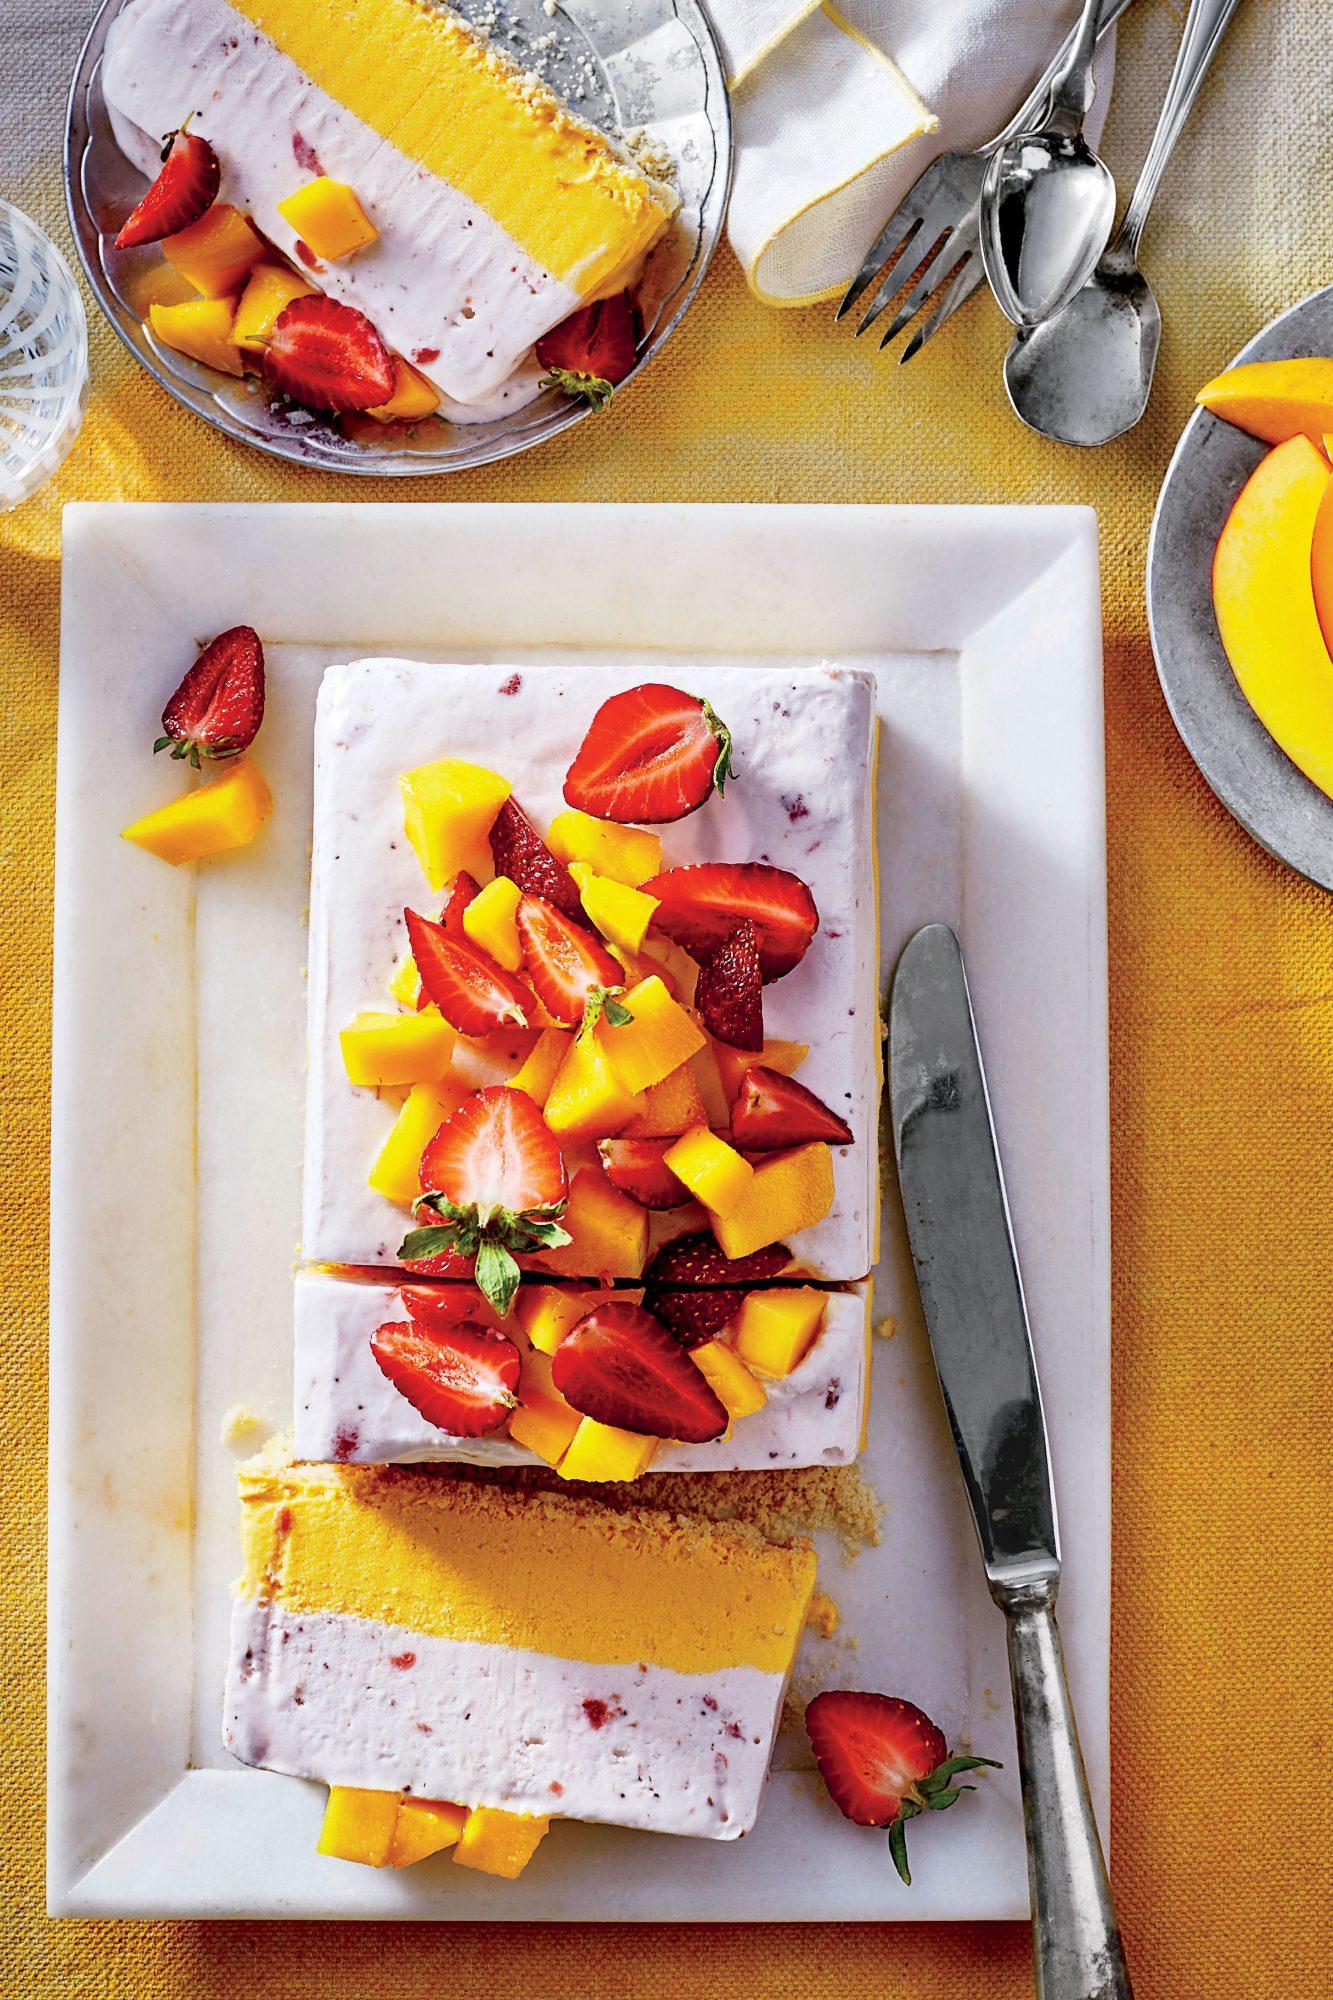 Strawberry-Mango Semifreddo